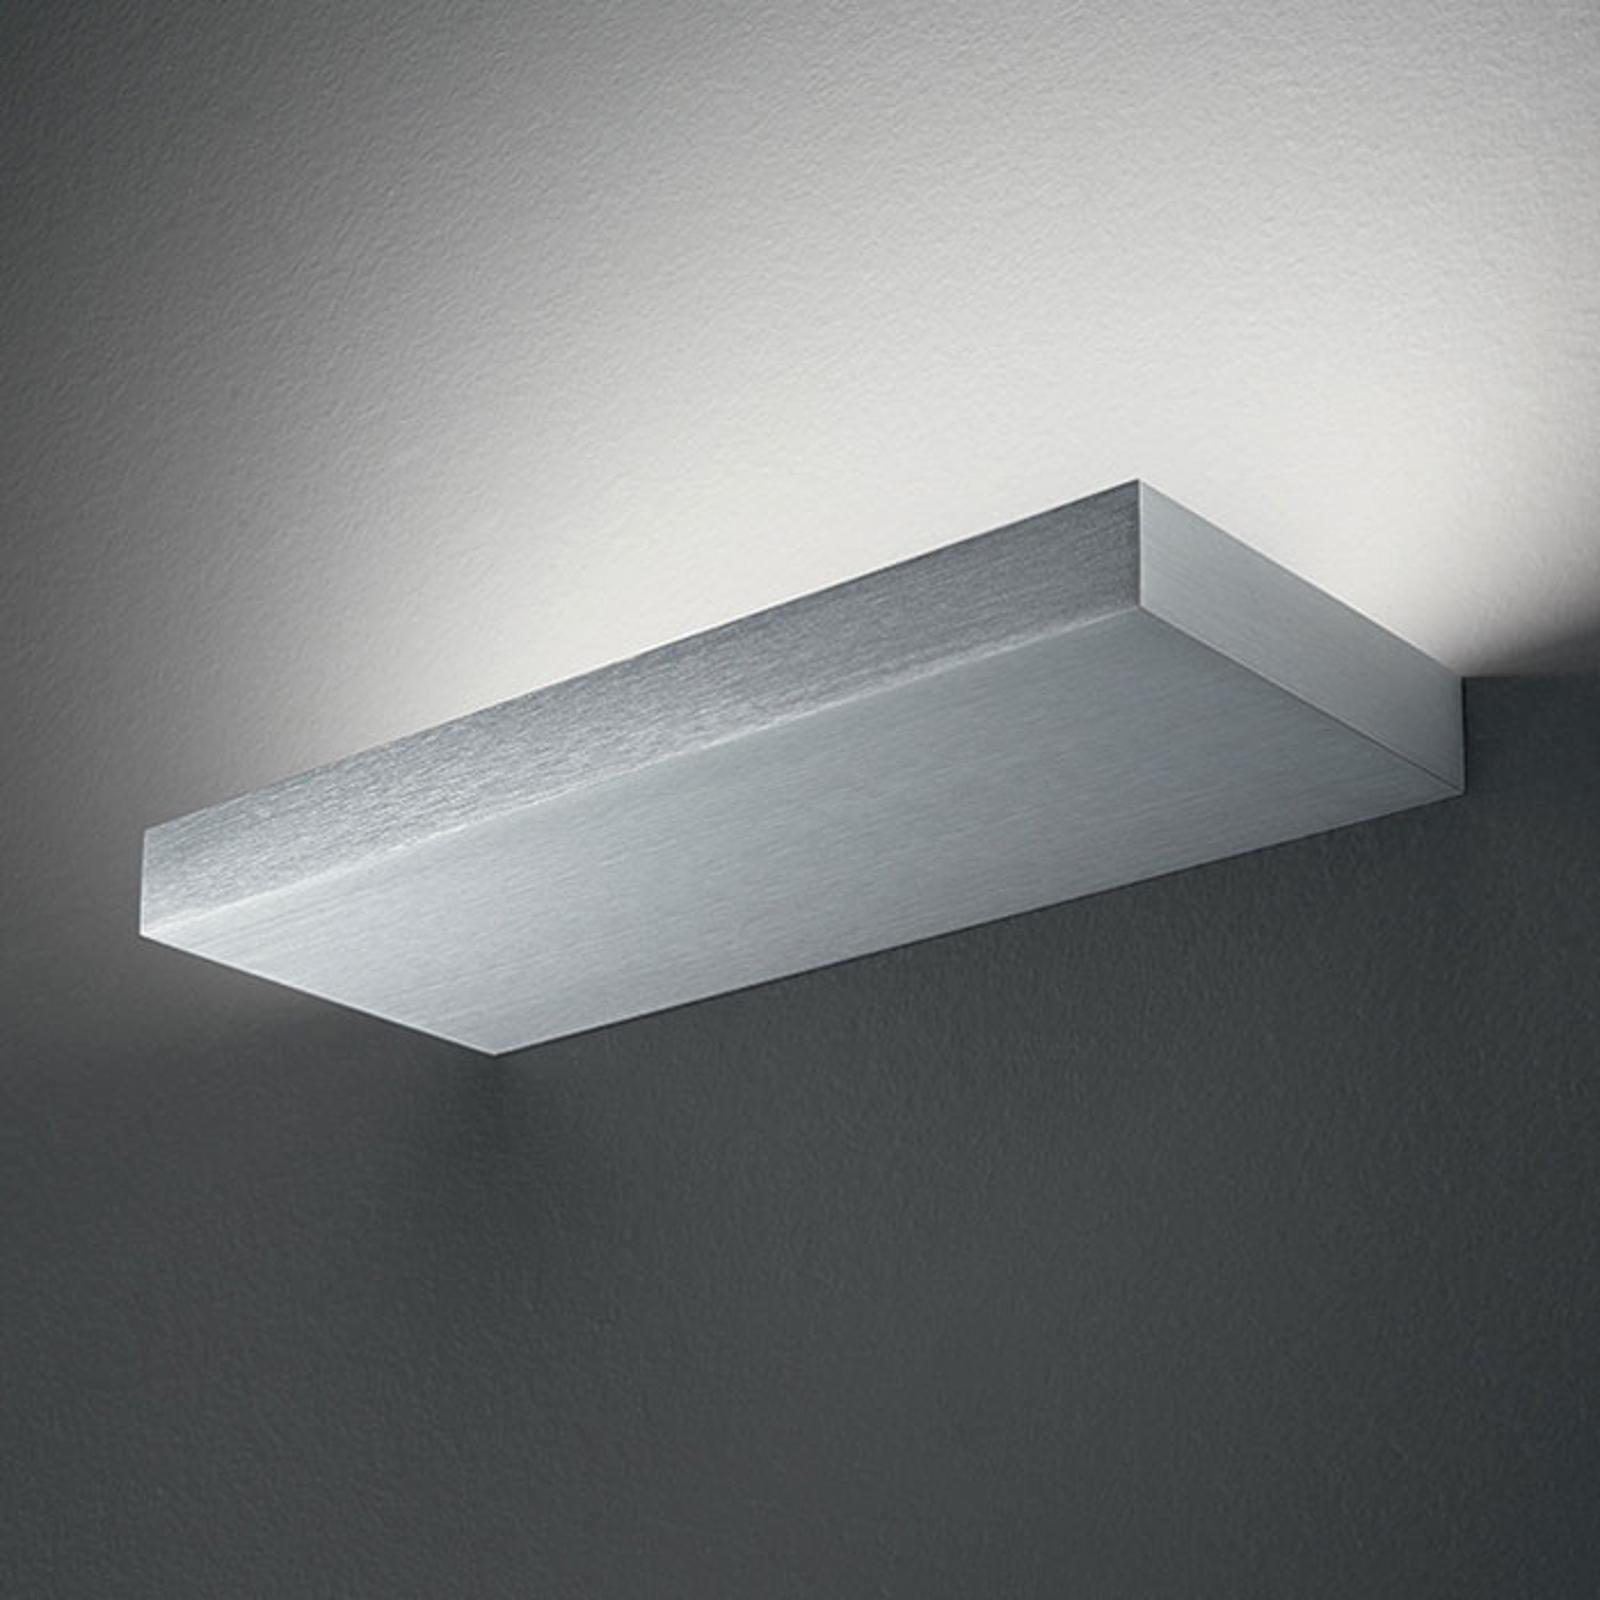 LED wandlamp Regolo, lengte 32,3 cm, aluminium